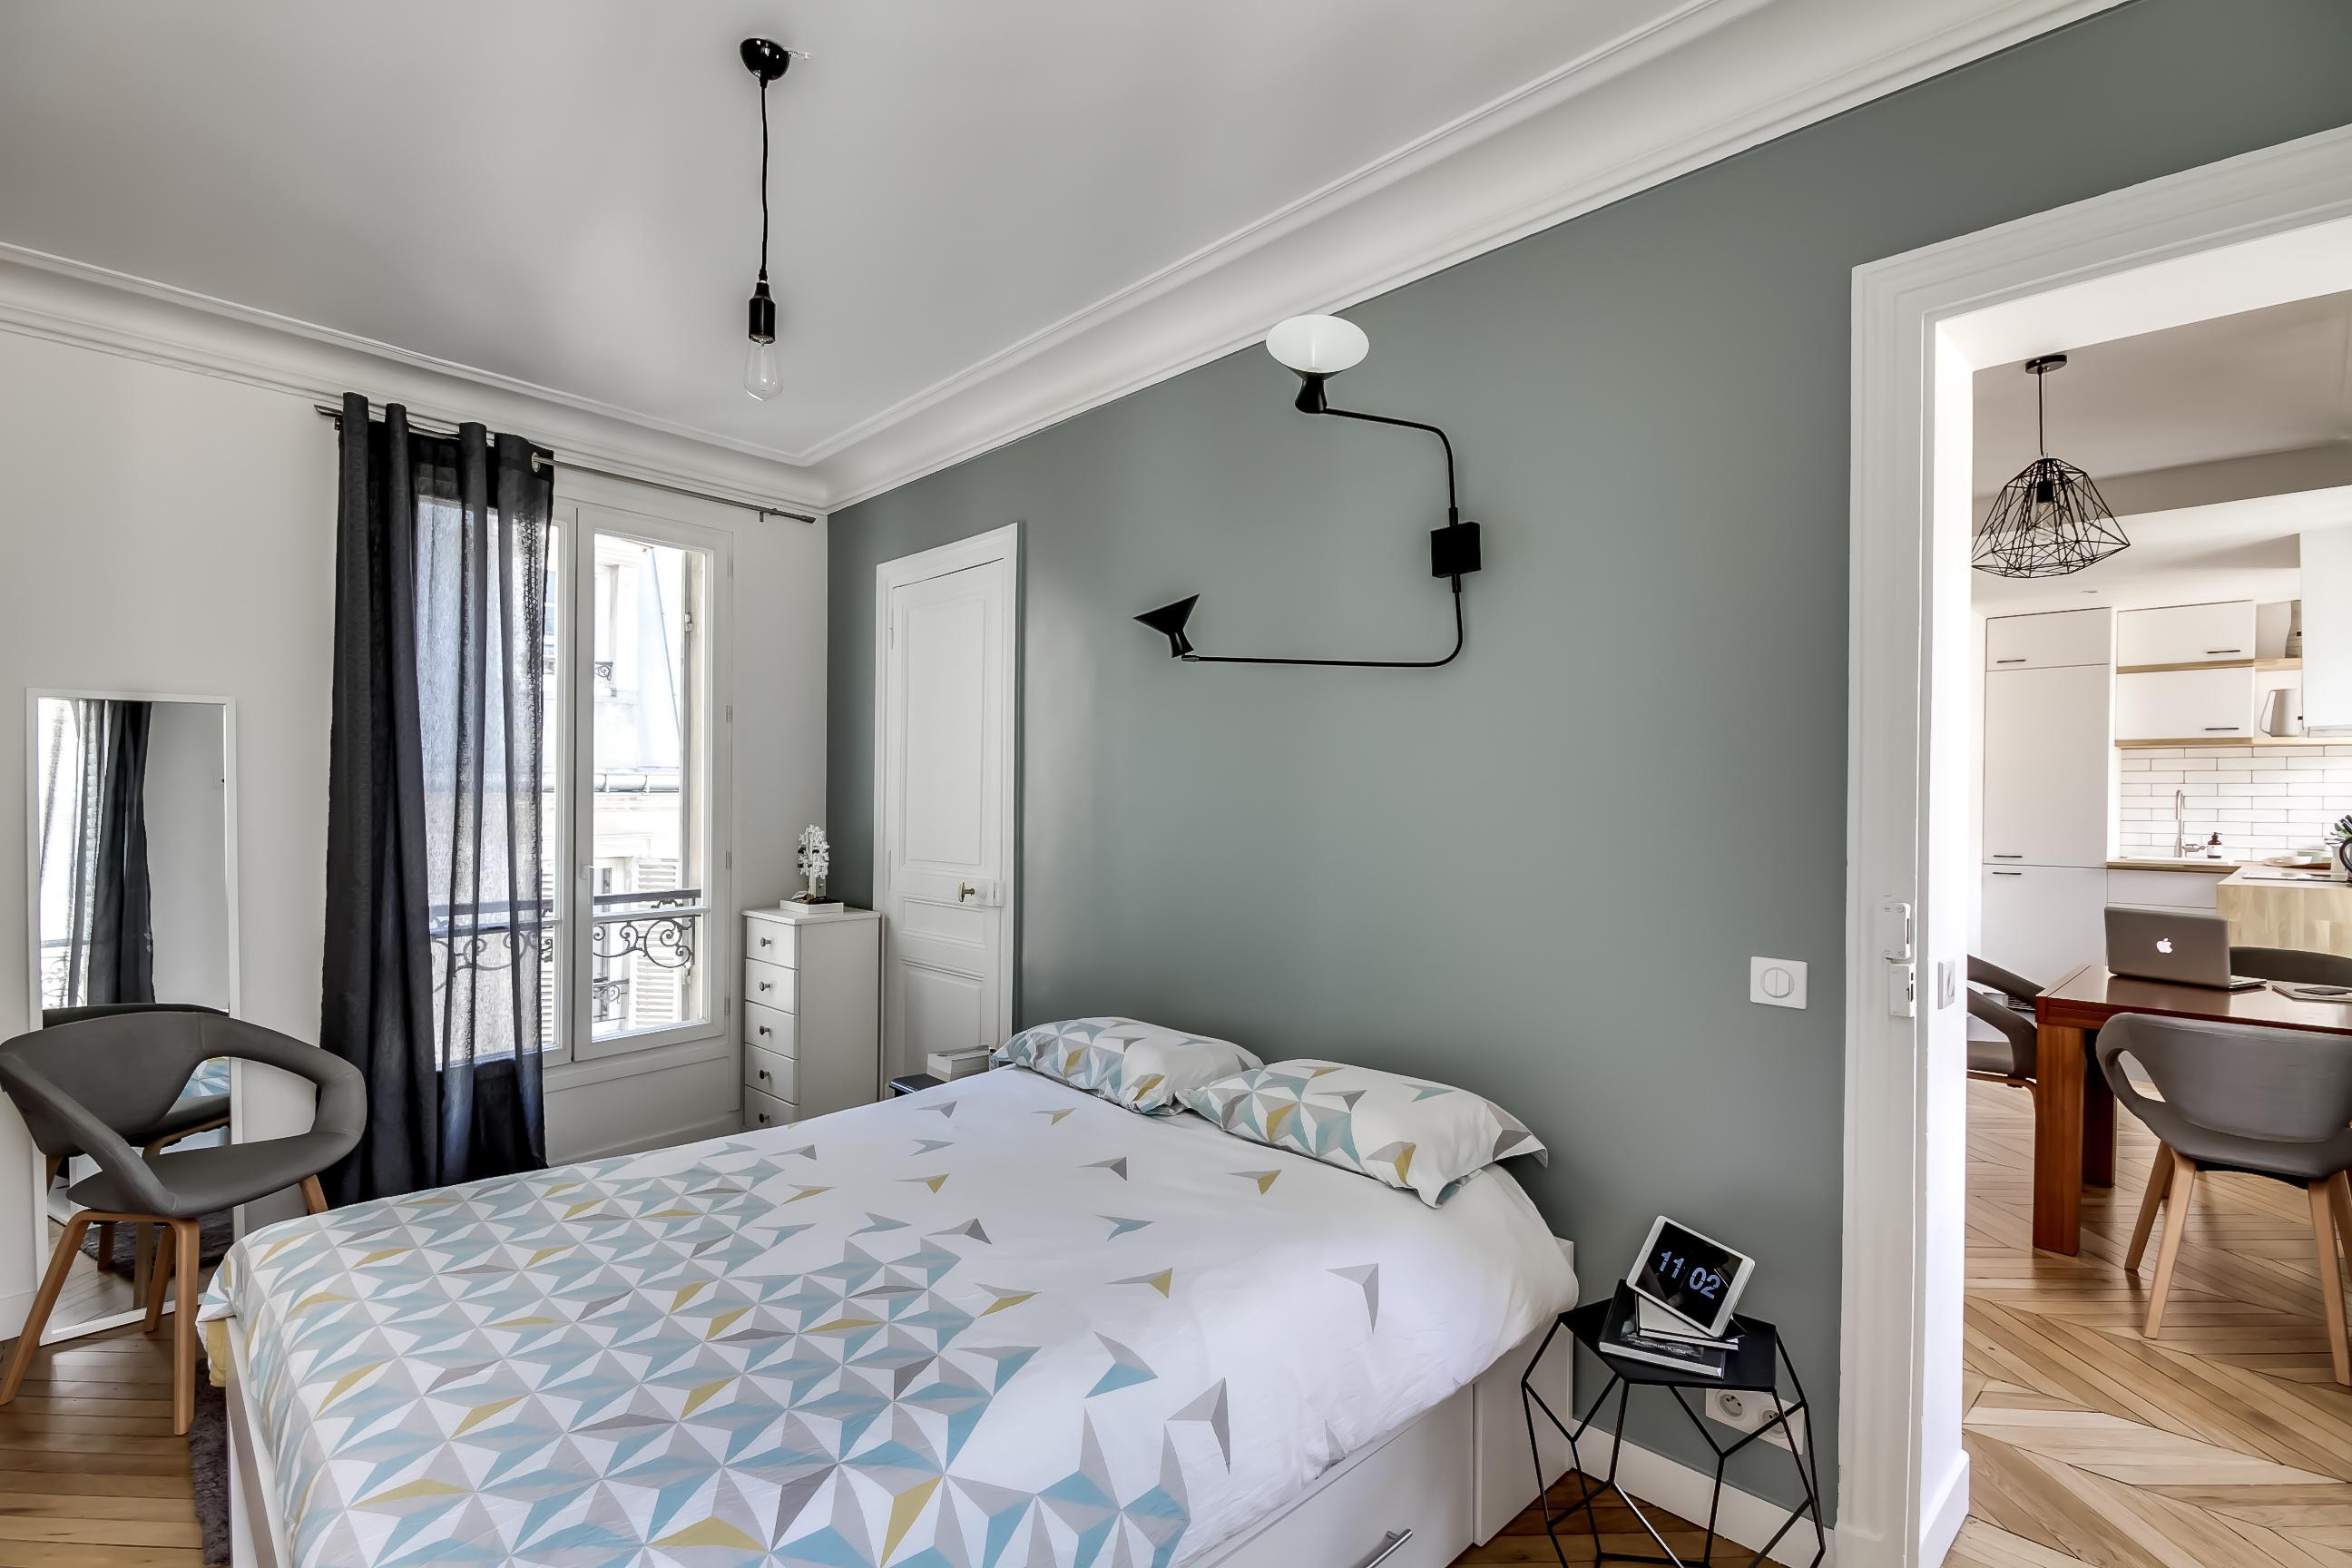 apartamento_38_metros_en_paris_atelier_daaa_588803683_2592x1728